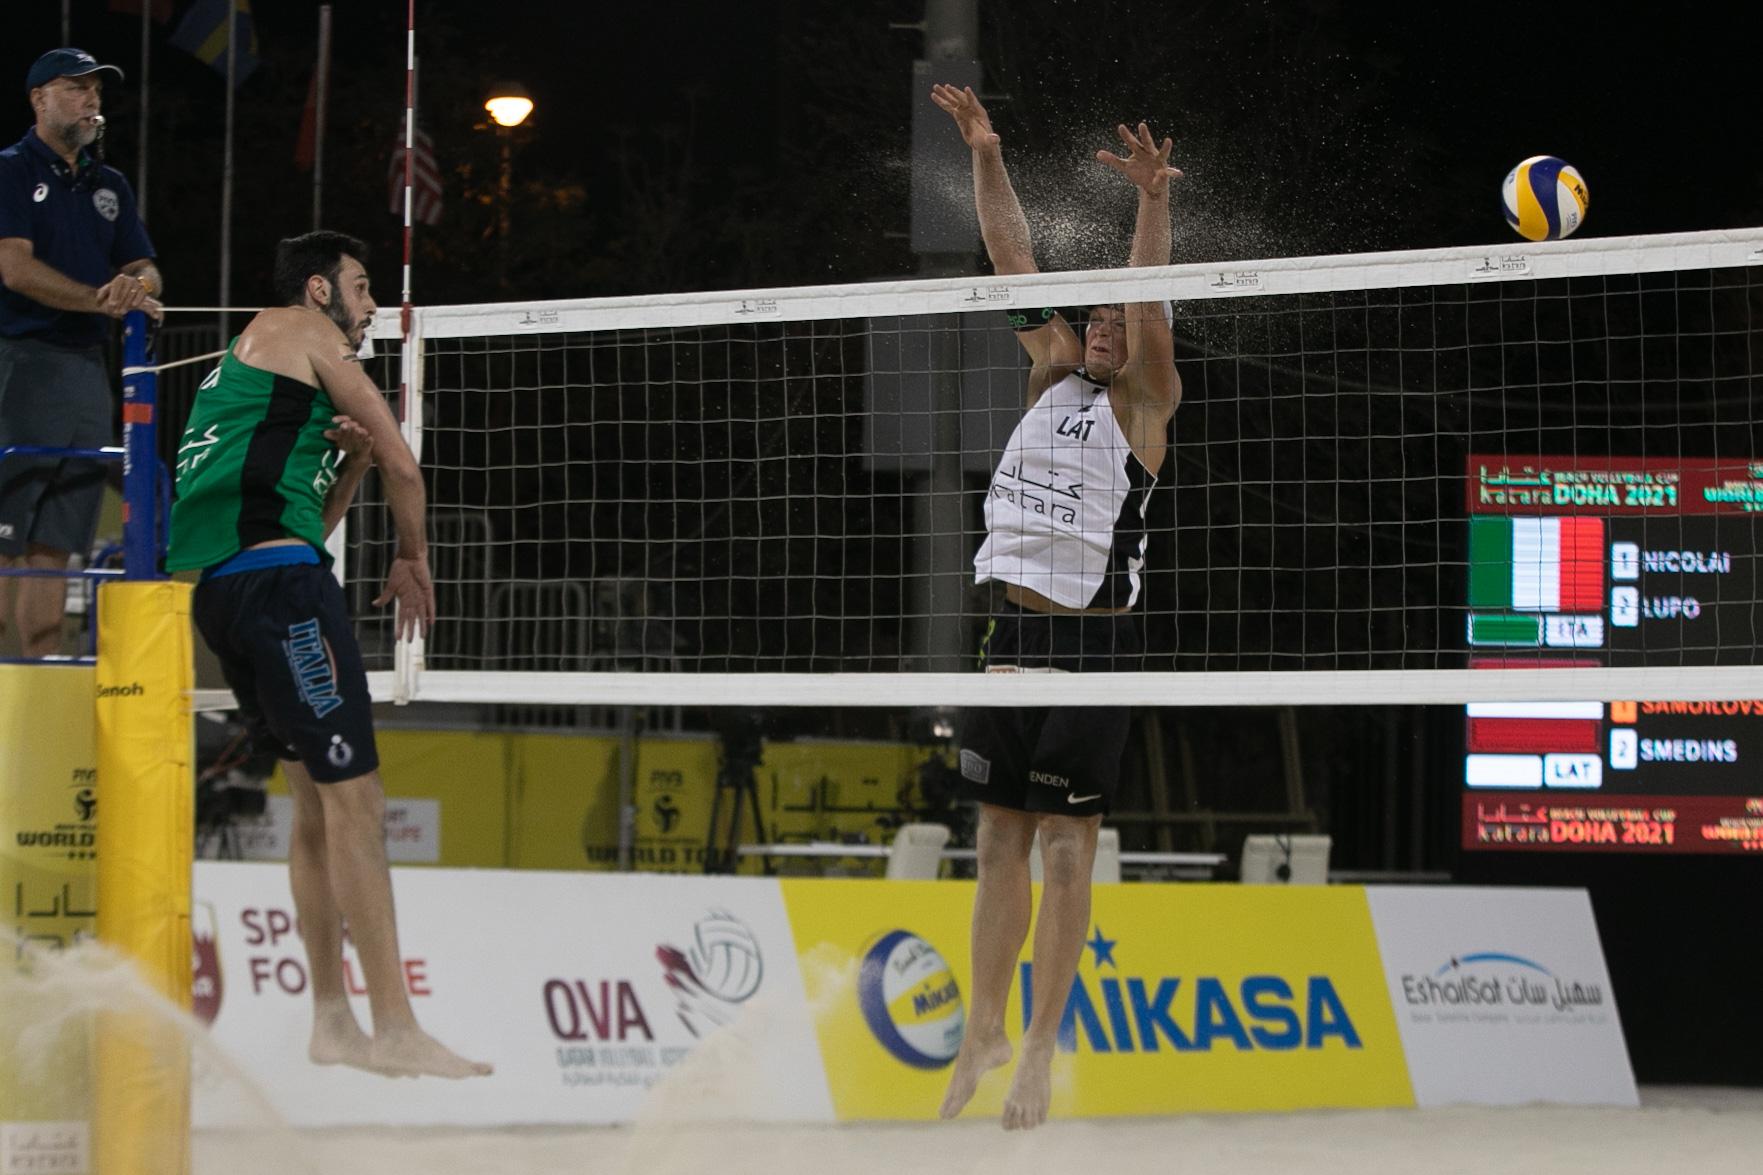 Nicolai/Lupo in Qatar